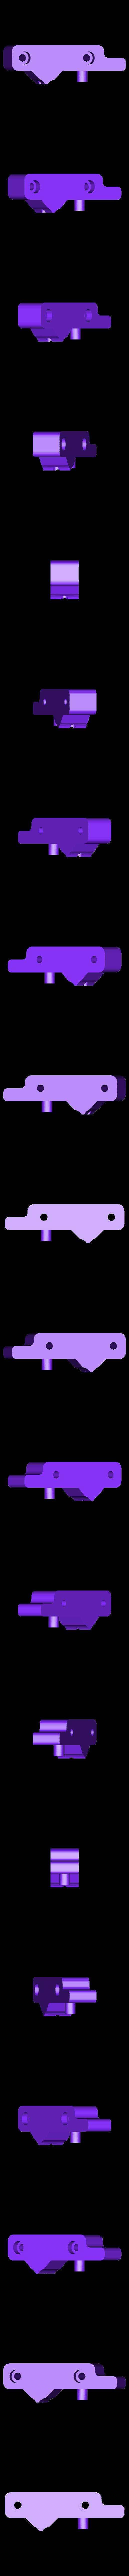 Flex_Mod.stl Télécharger fichier STL gratuit Anycubic I3 Mega Mega - Flex Mod • Plan imprimable en 3D, pawlo444444